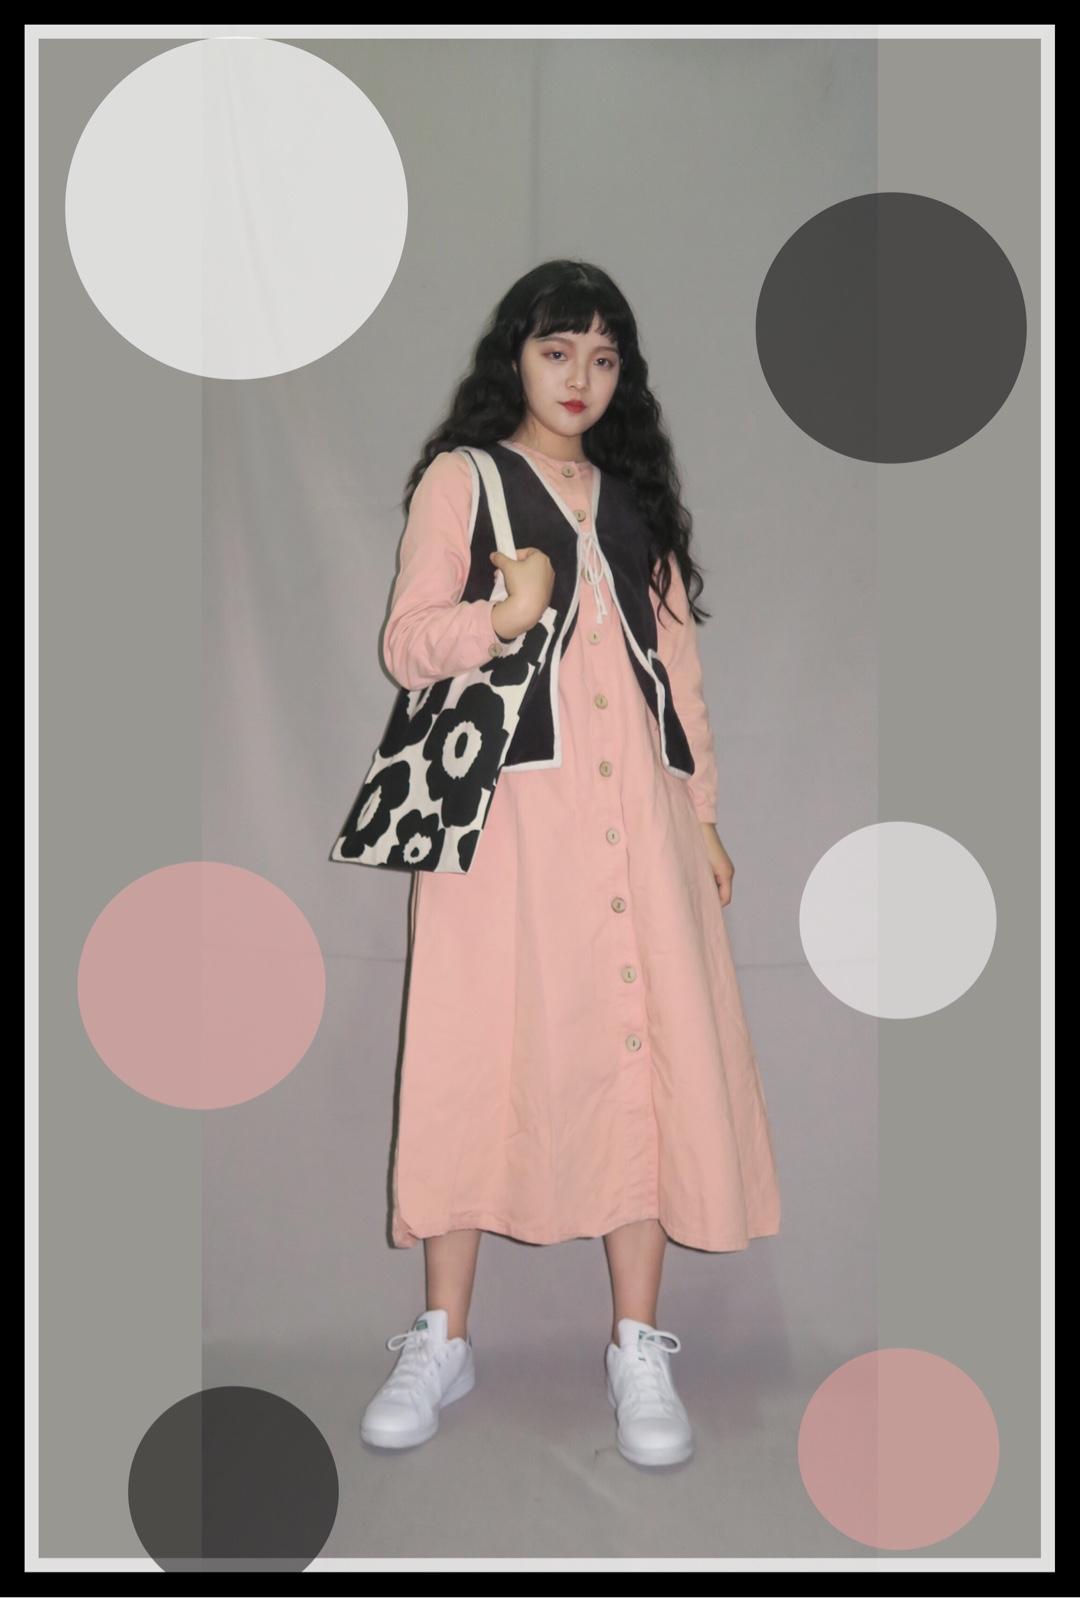 #春天来了,漂酿小裙子show time!# 春天就是要穿裙子鸭!穿什么颜色?当然是粉色🍑啦嘻嘻~ 最爱的马甲和帆布包包很百搭~ 经典小白鞋也是无论怎么搭都OK的👌